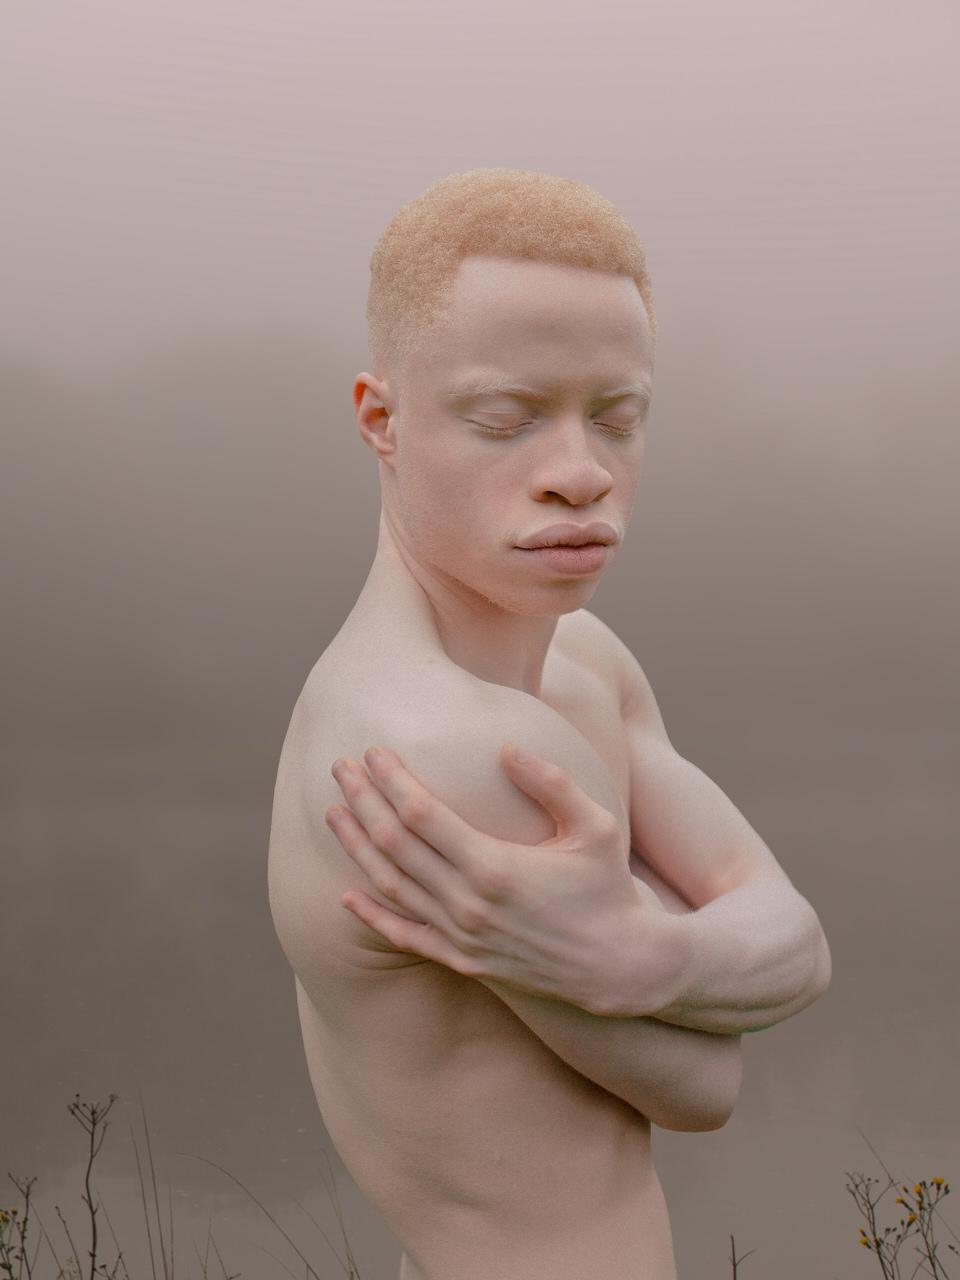 Portrait eines nackten Menschen in der Natur.